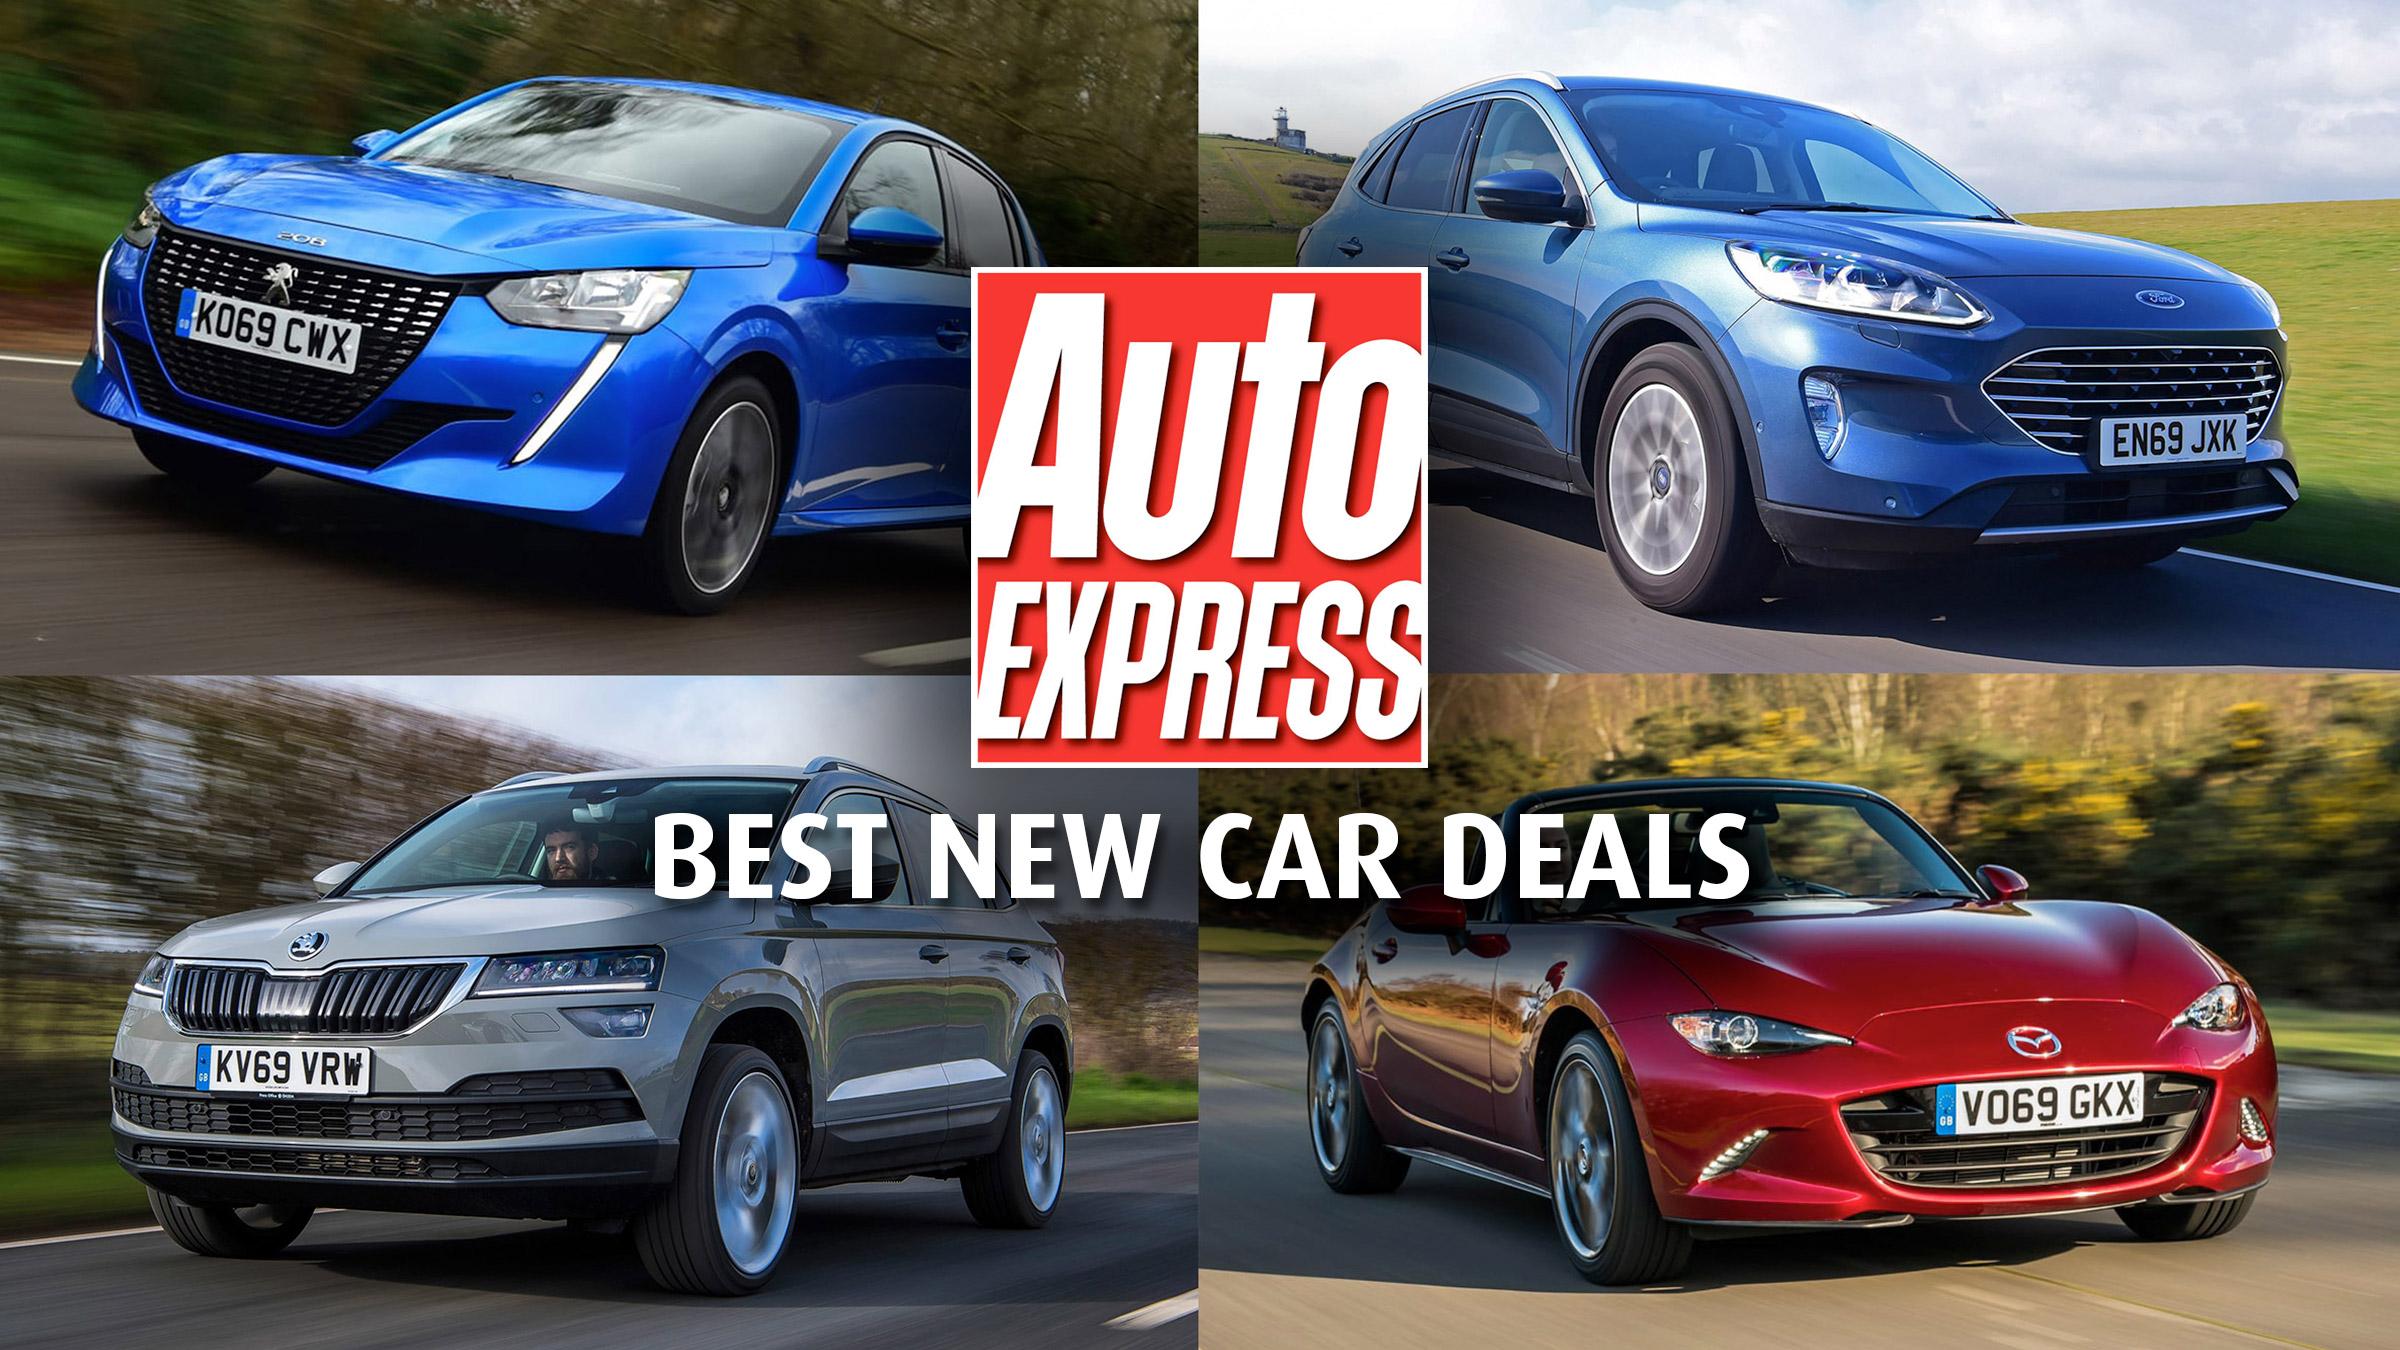 Best New Car Deals 2020 Best Pcp Finance Deals Auto Express